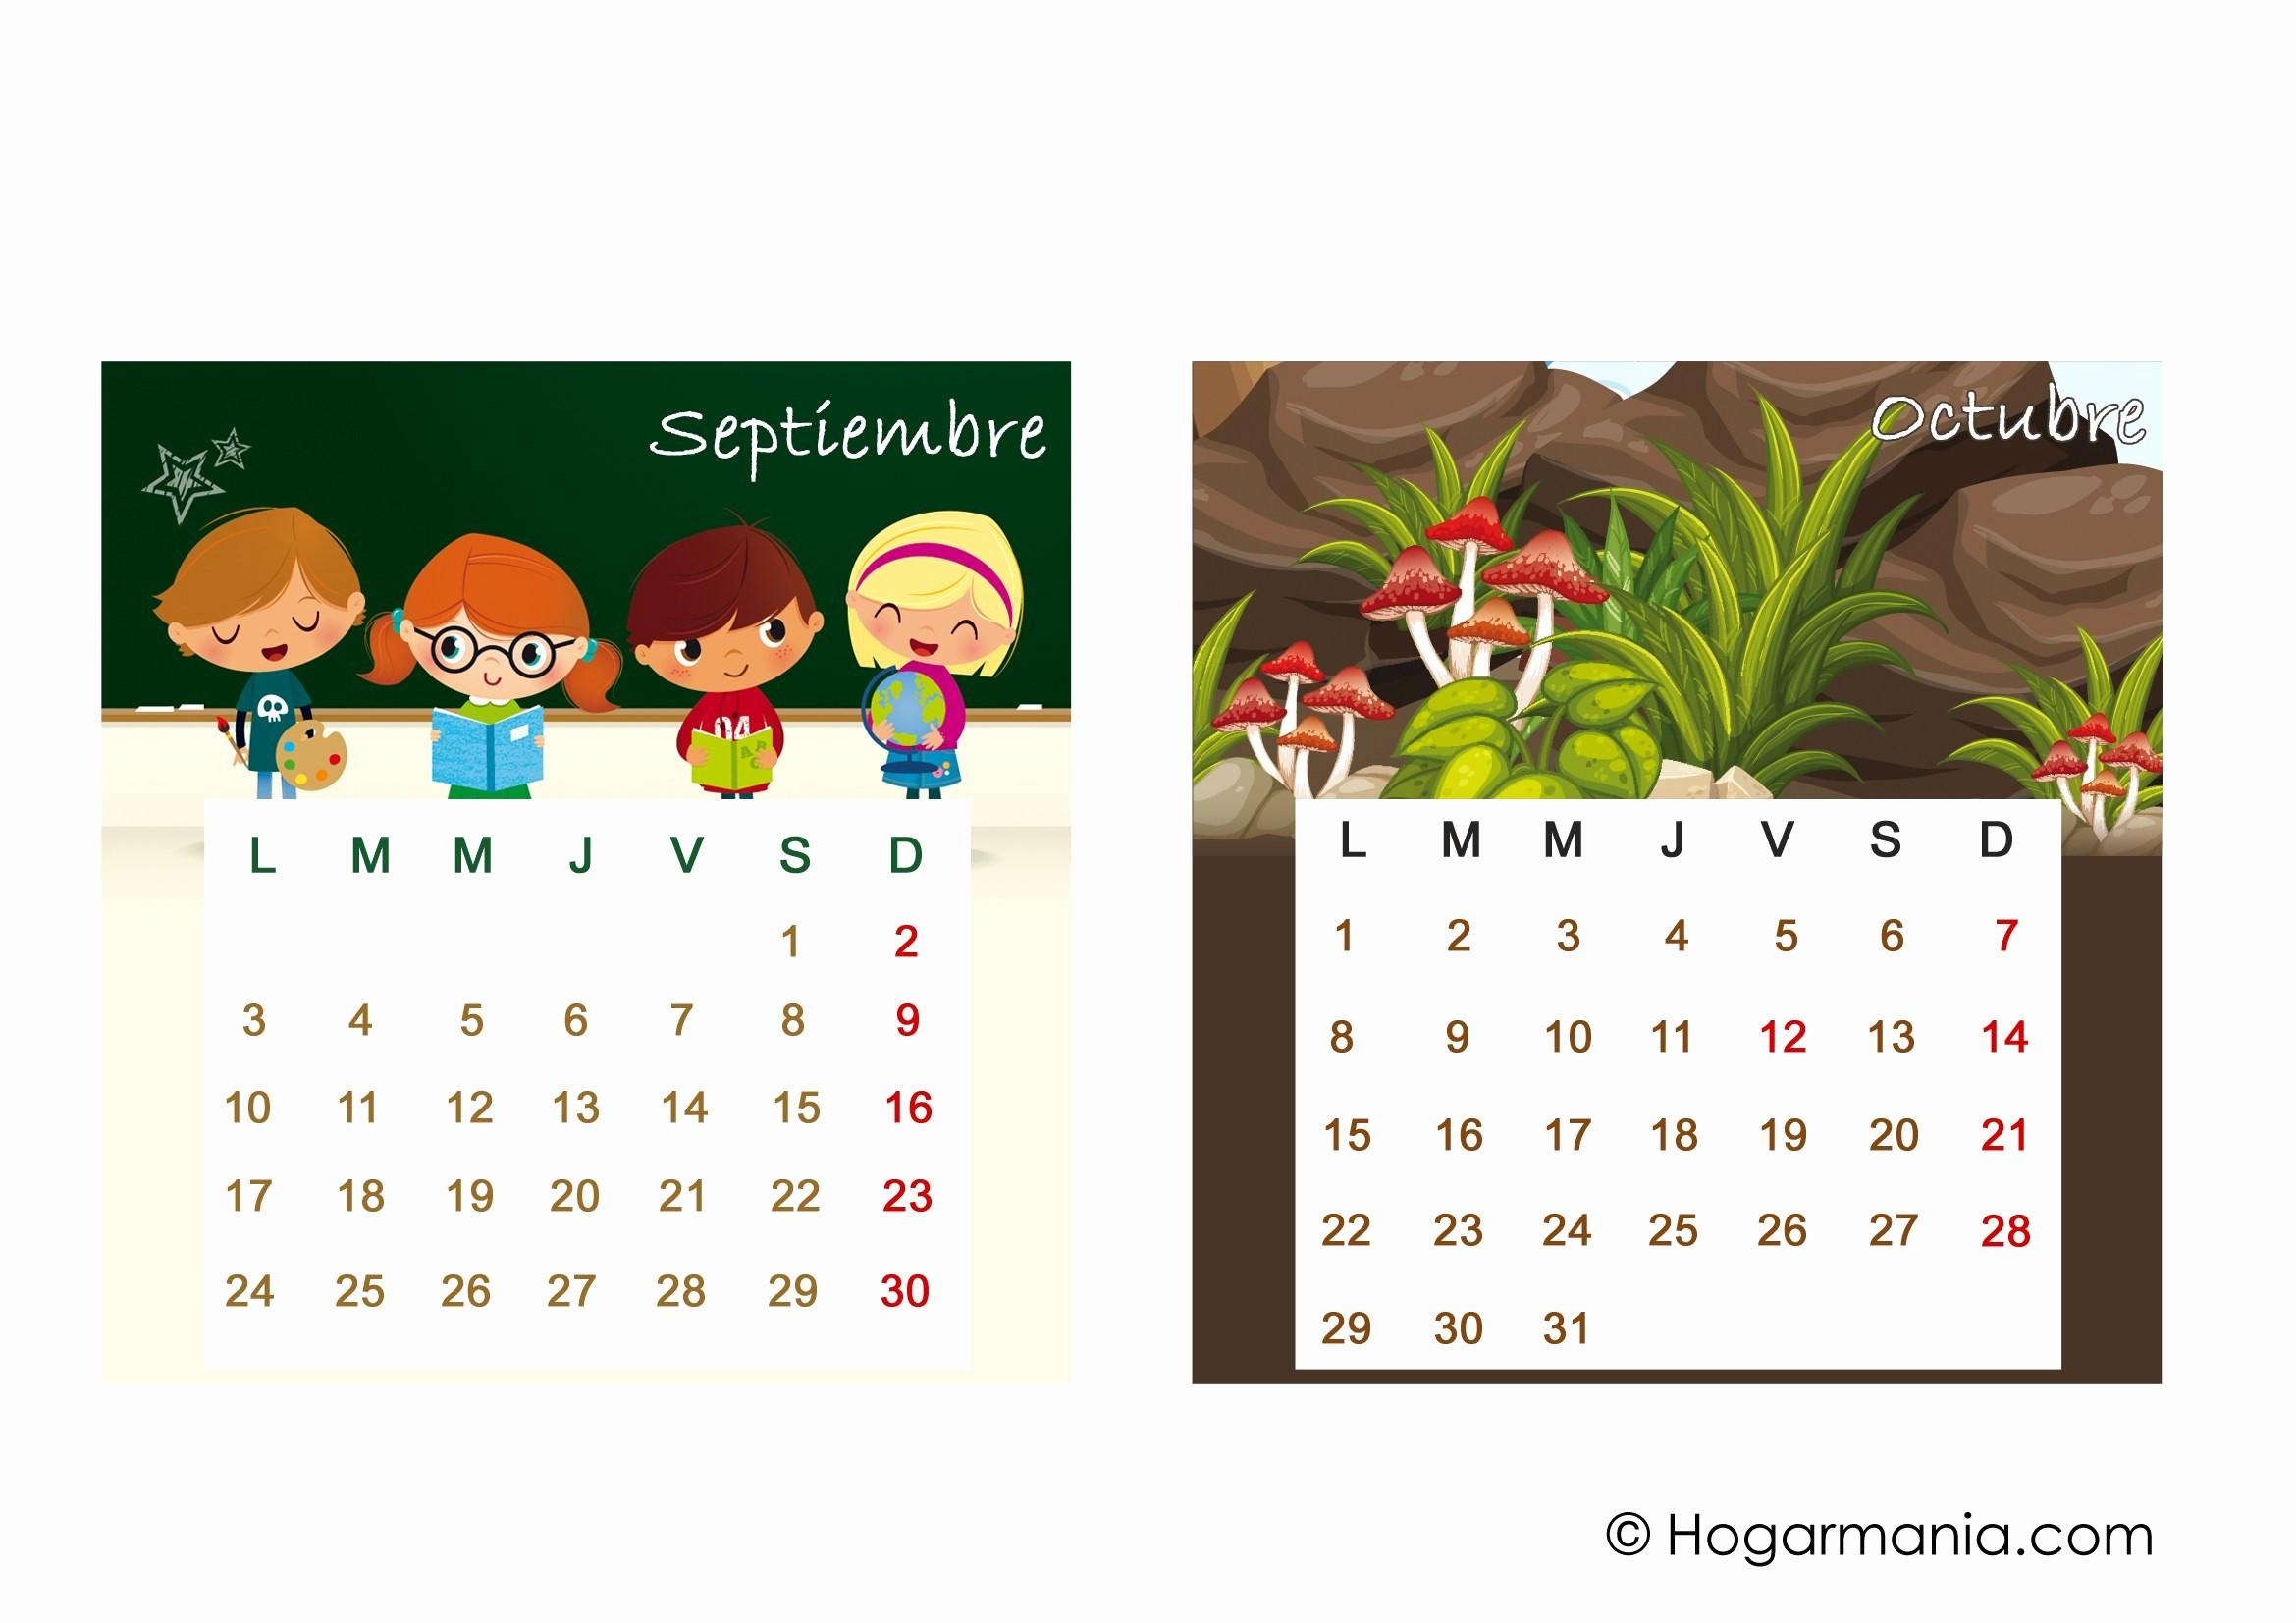 Calendario 2019 Brasil.com.br Más Populares Fresh 45 Ilustraci³n Cambridge House Calendario 2019 Of Calendario 2019 Brasil.com.br Más Recientemente Liberado Tips associated with Calendario 2018 Calendar Online 2019